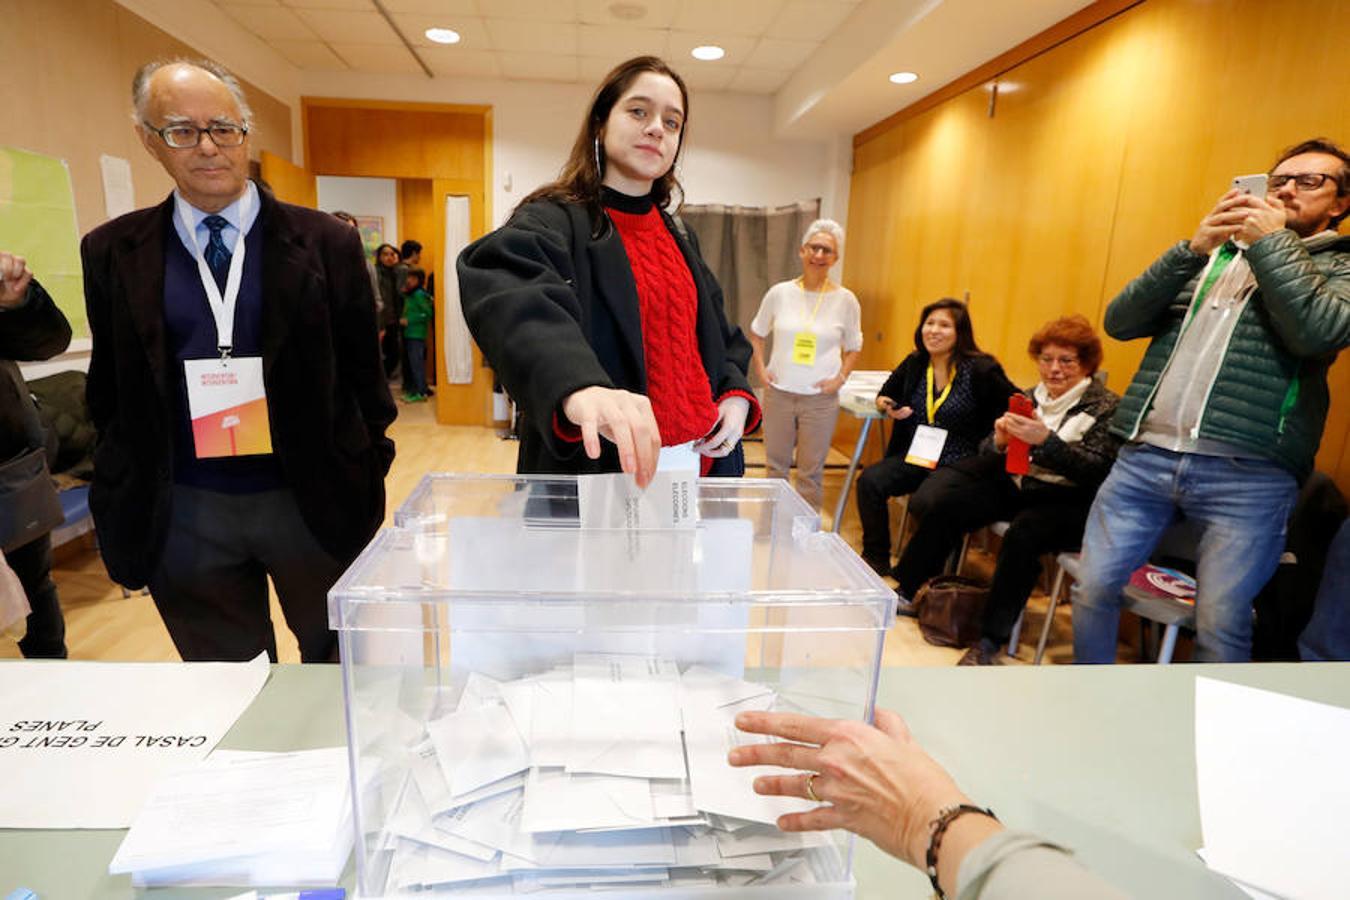 Las imágenes más curiosas de la jornada electoral en Cataluña